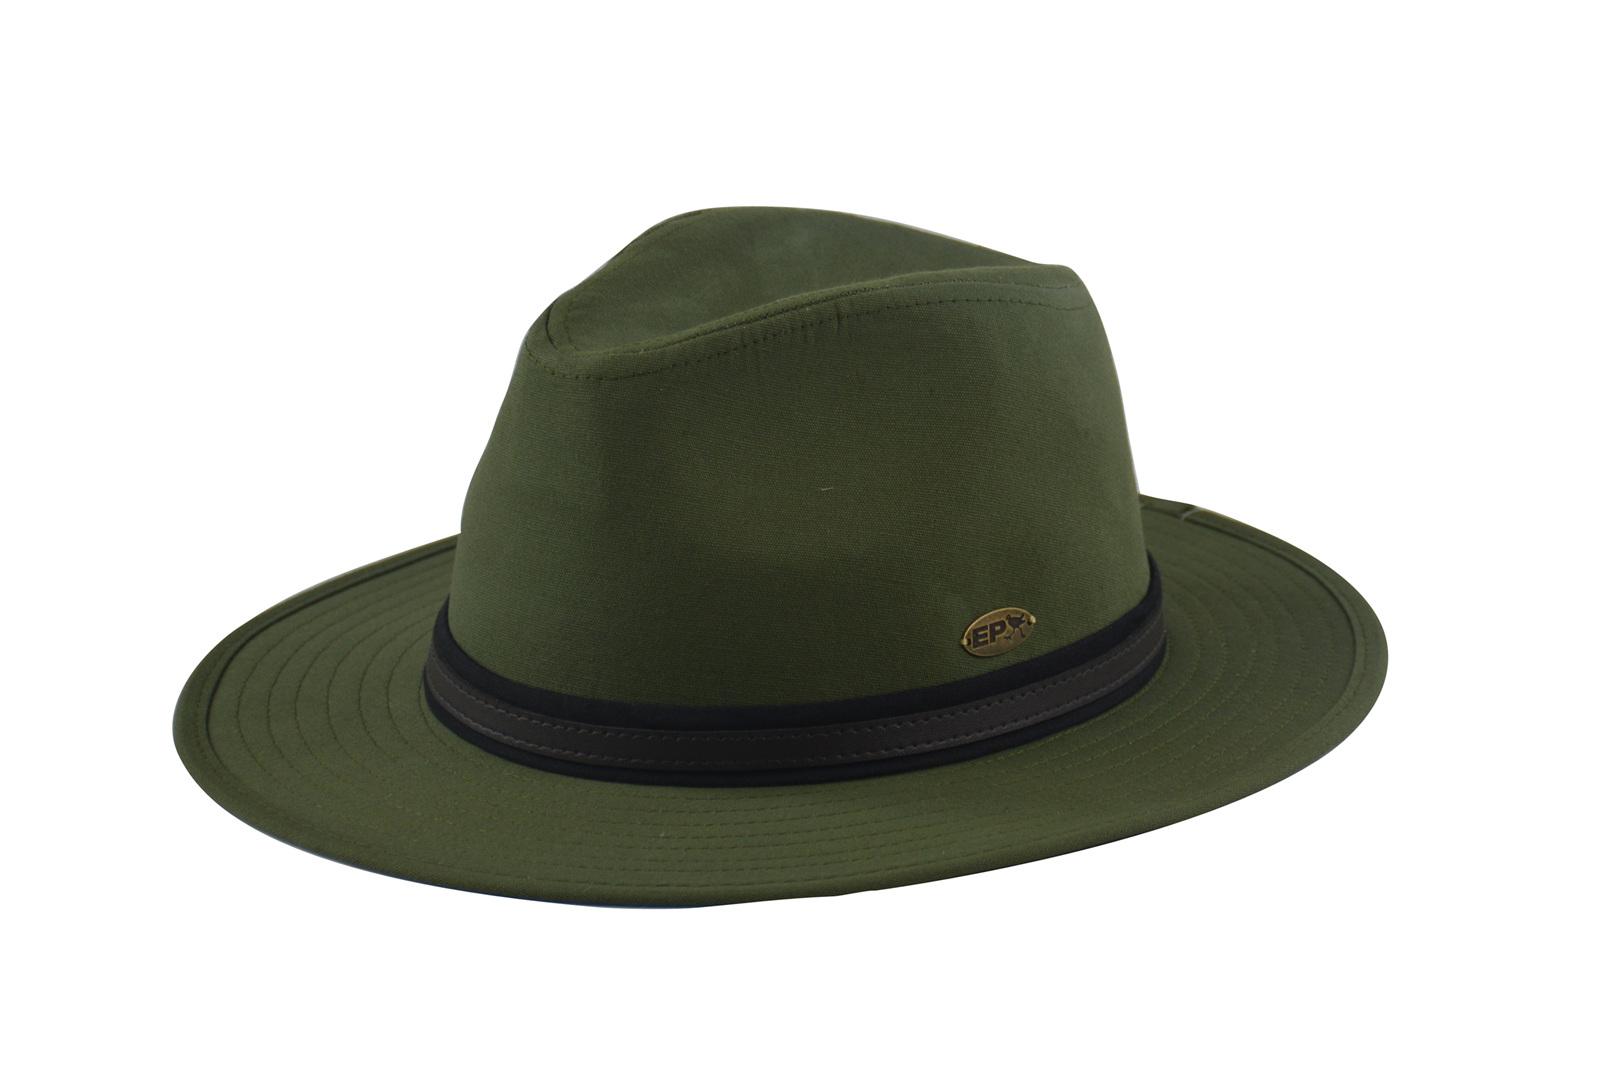 940333a17a2a5 Safari Hat-Green - Electric Pukeko